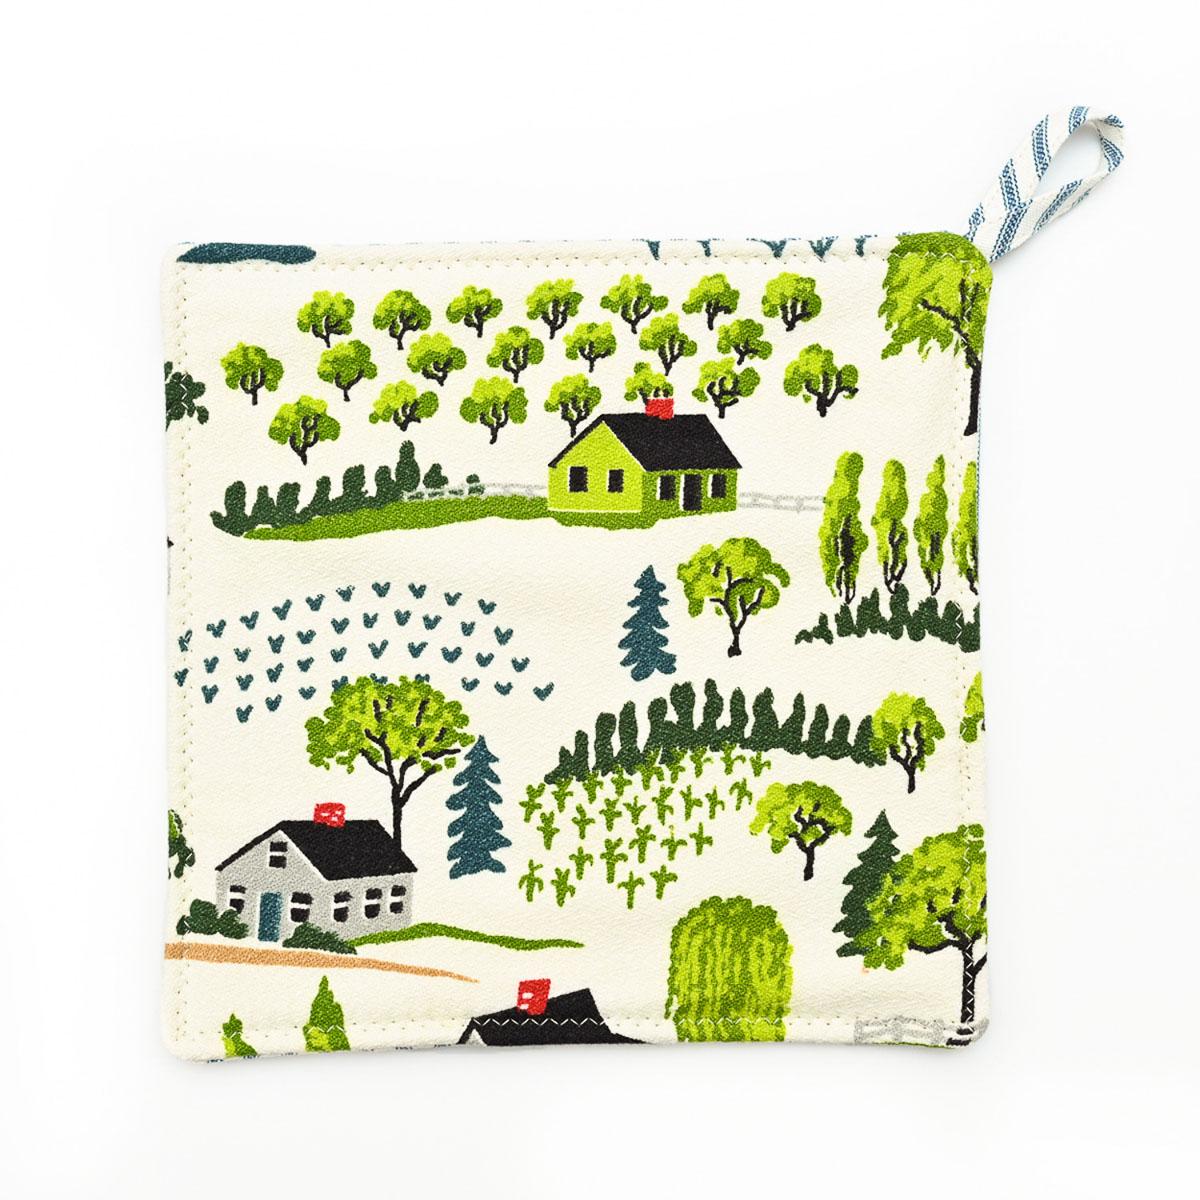 Vermont Potholders